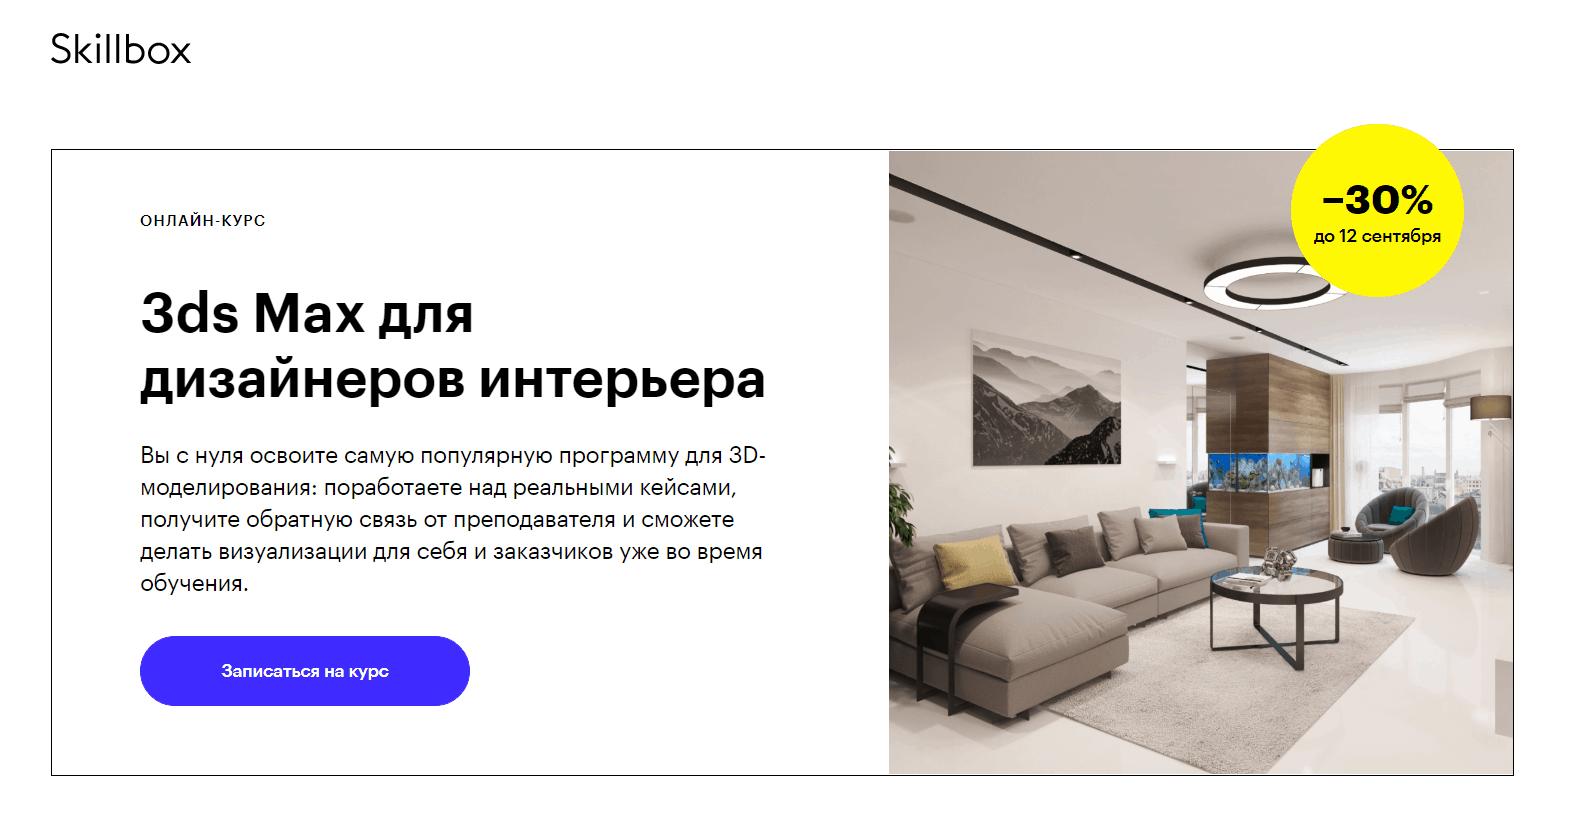 3ds Max для дизайнеров интерьера — Скиллбокс